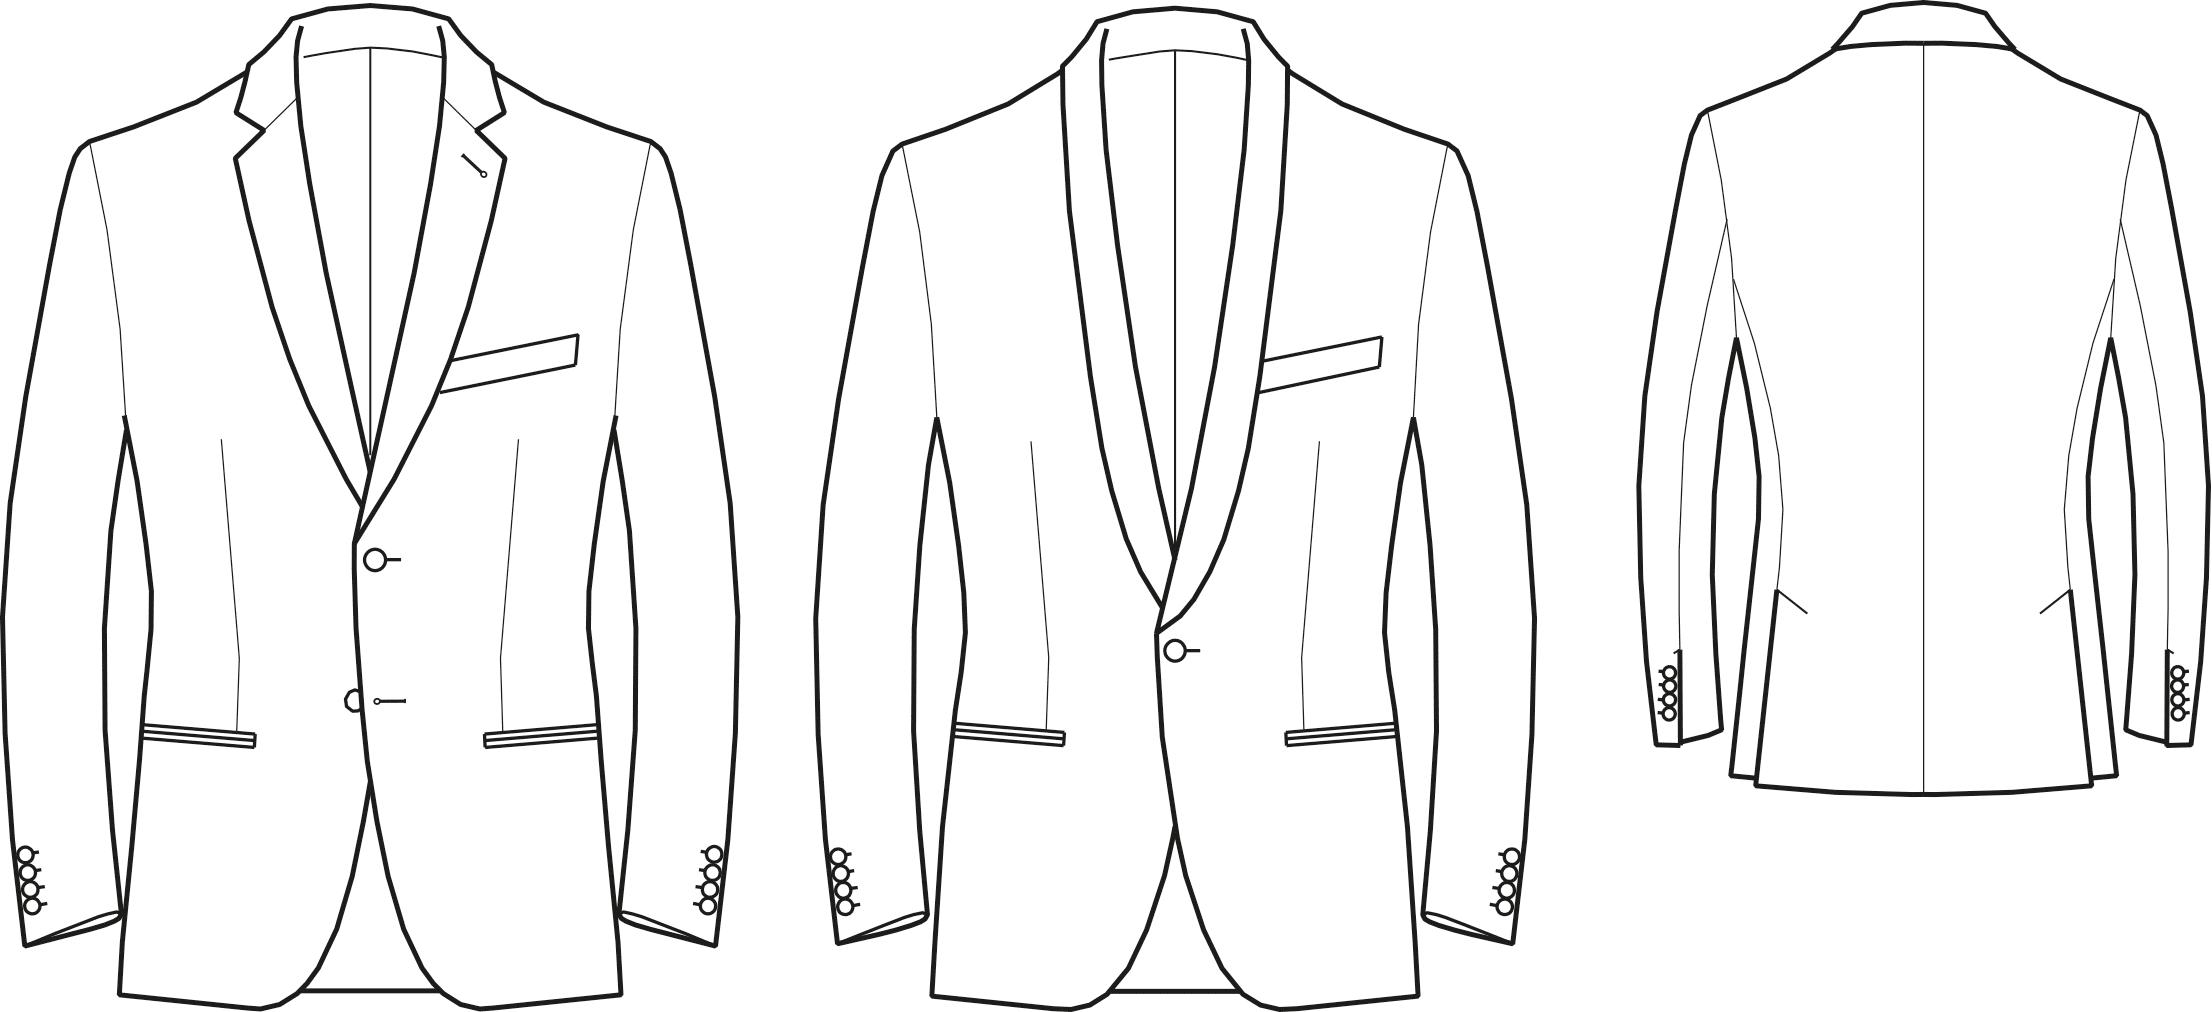 Abgebildet ist die Vorder- und Rückansicht einer technischen Zeichnung von einem Sakko. Es dient als Vorlage für den Schnittmusterbogen